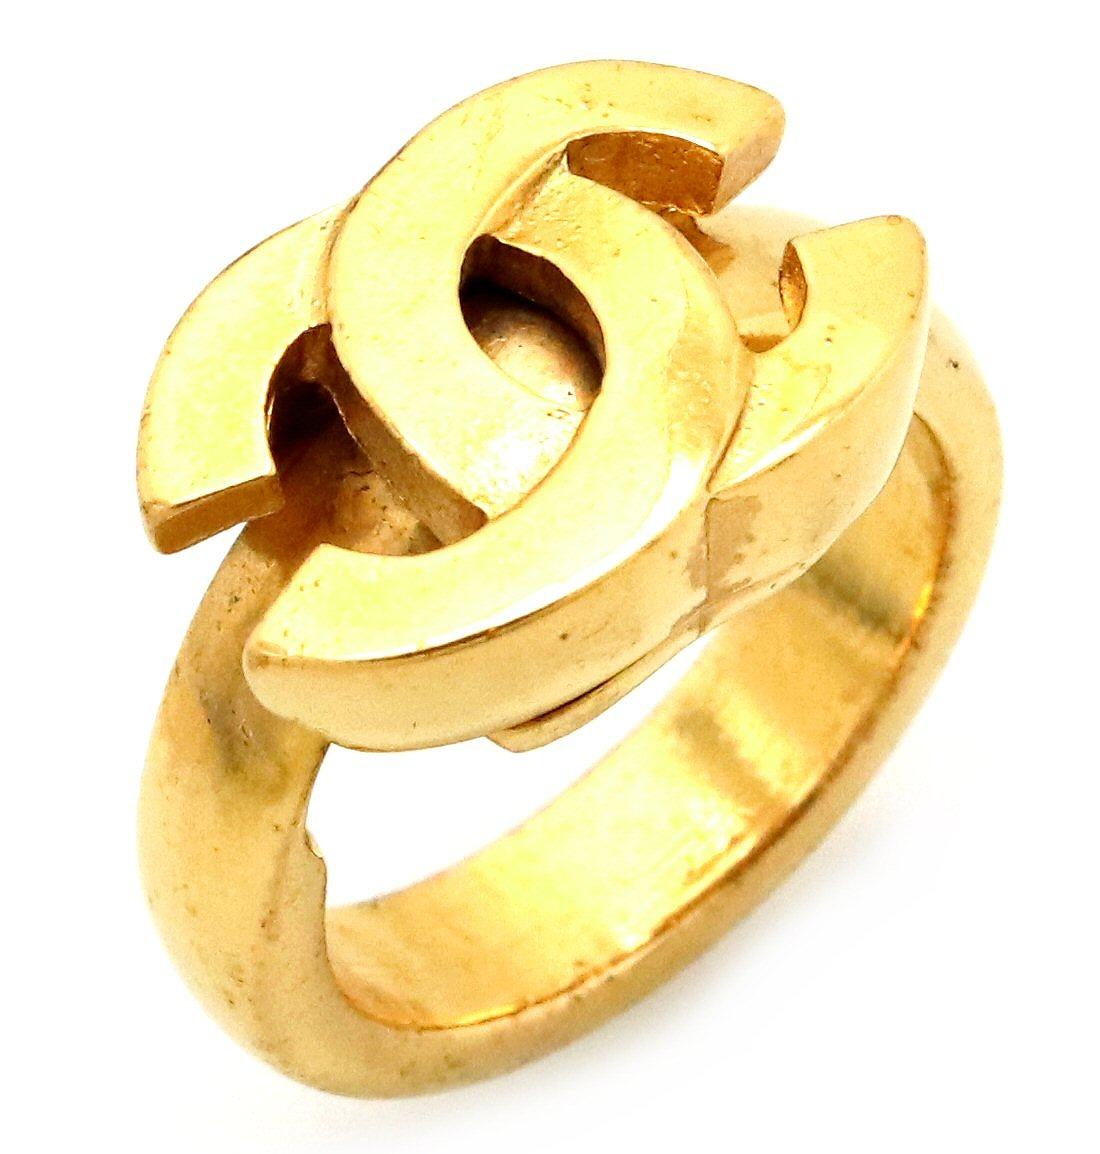 【ジュエリー】CHANEL シャネル ココマーク モチーフ リング 指輪 ゴールド GP 2001年製 #13 13号 【中古】